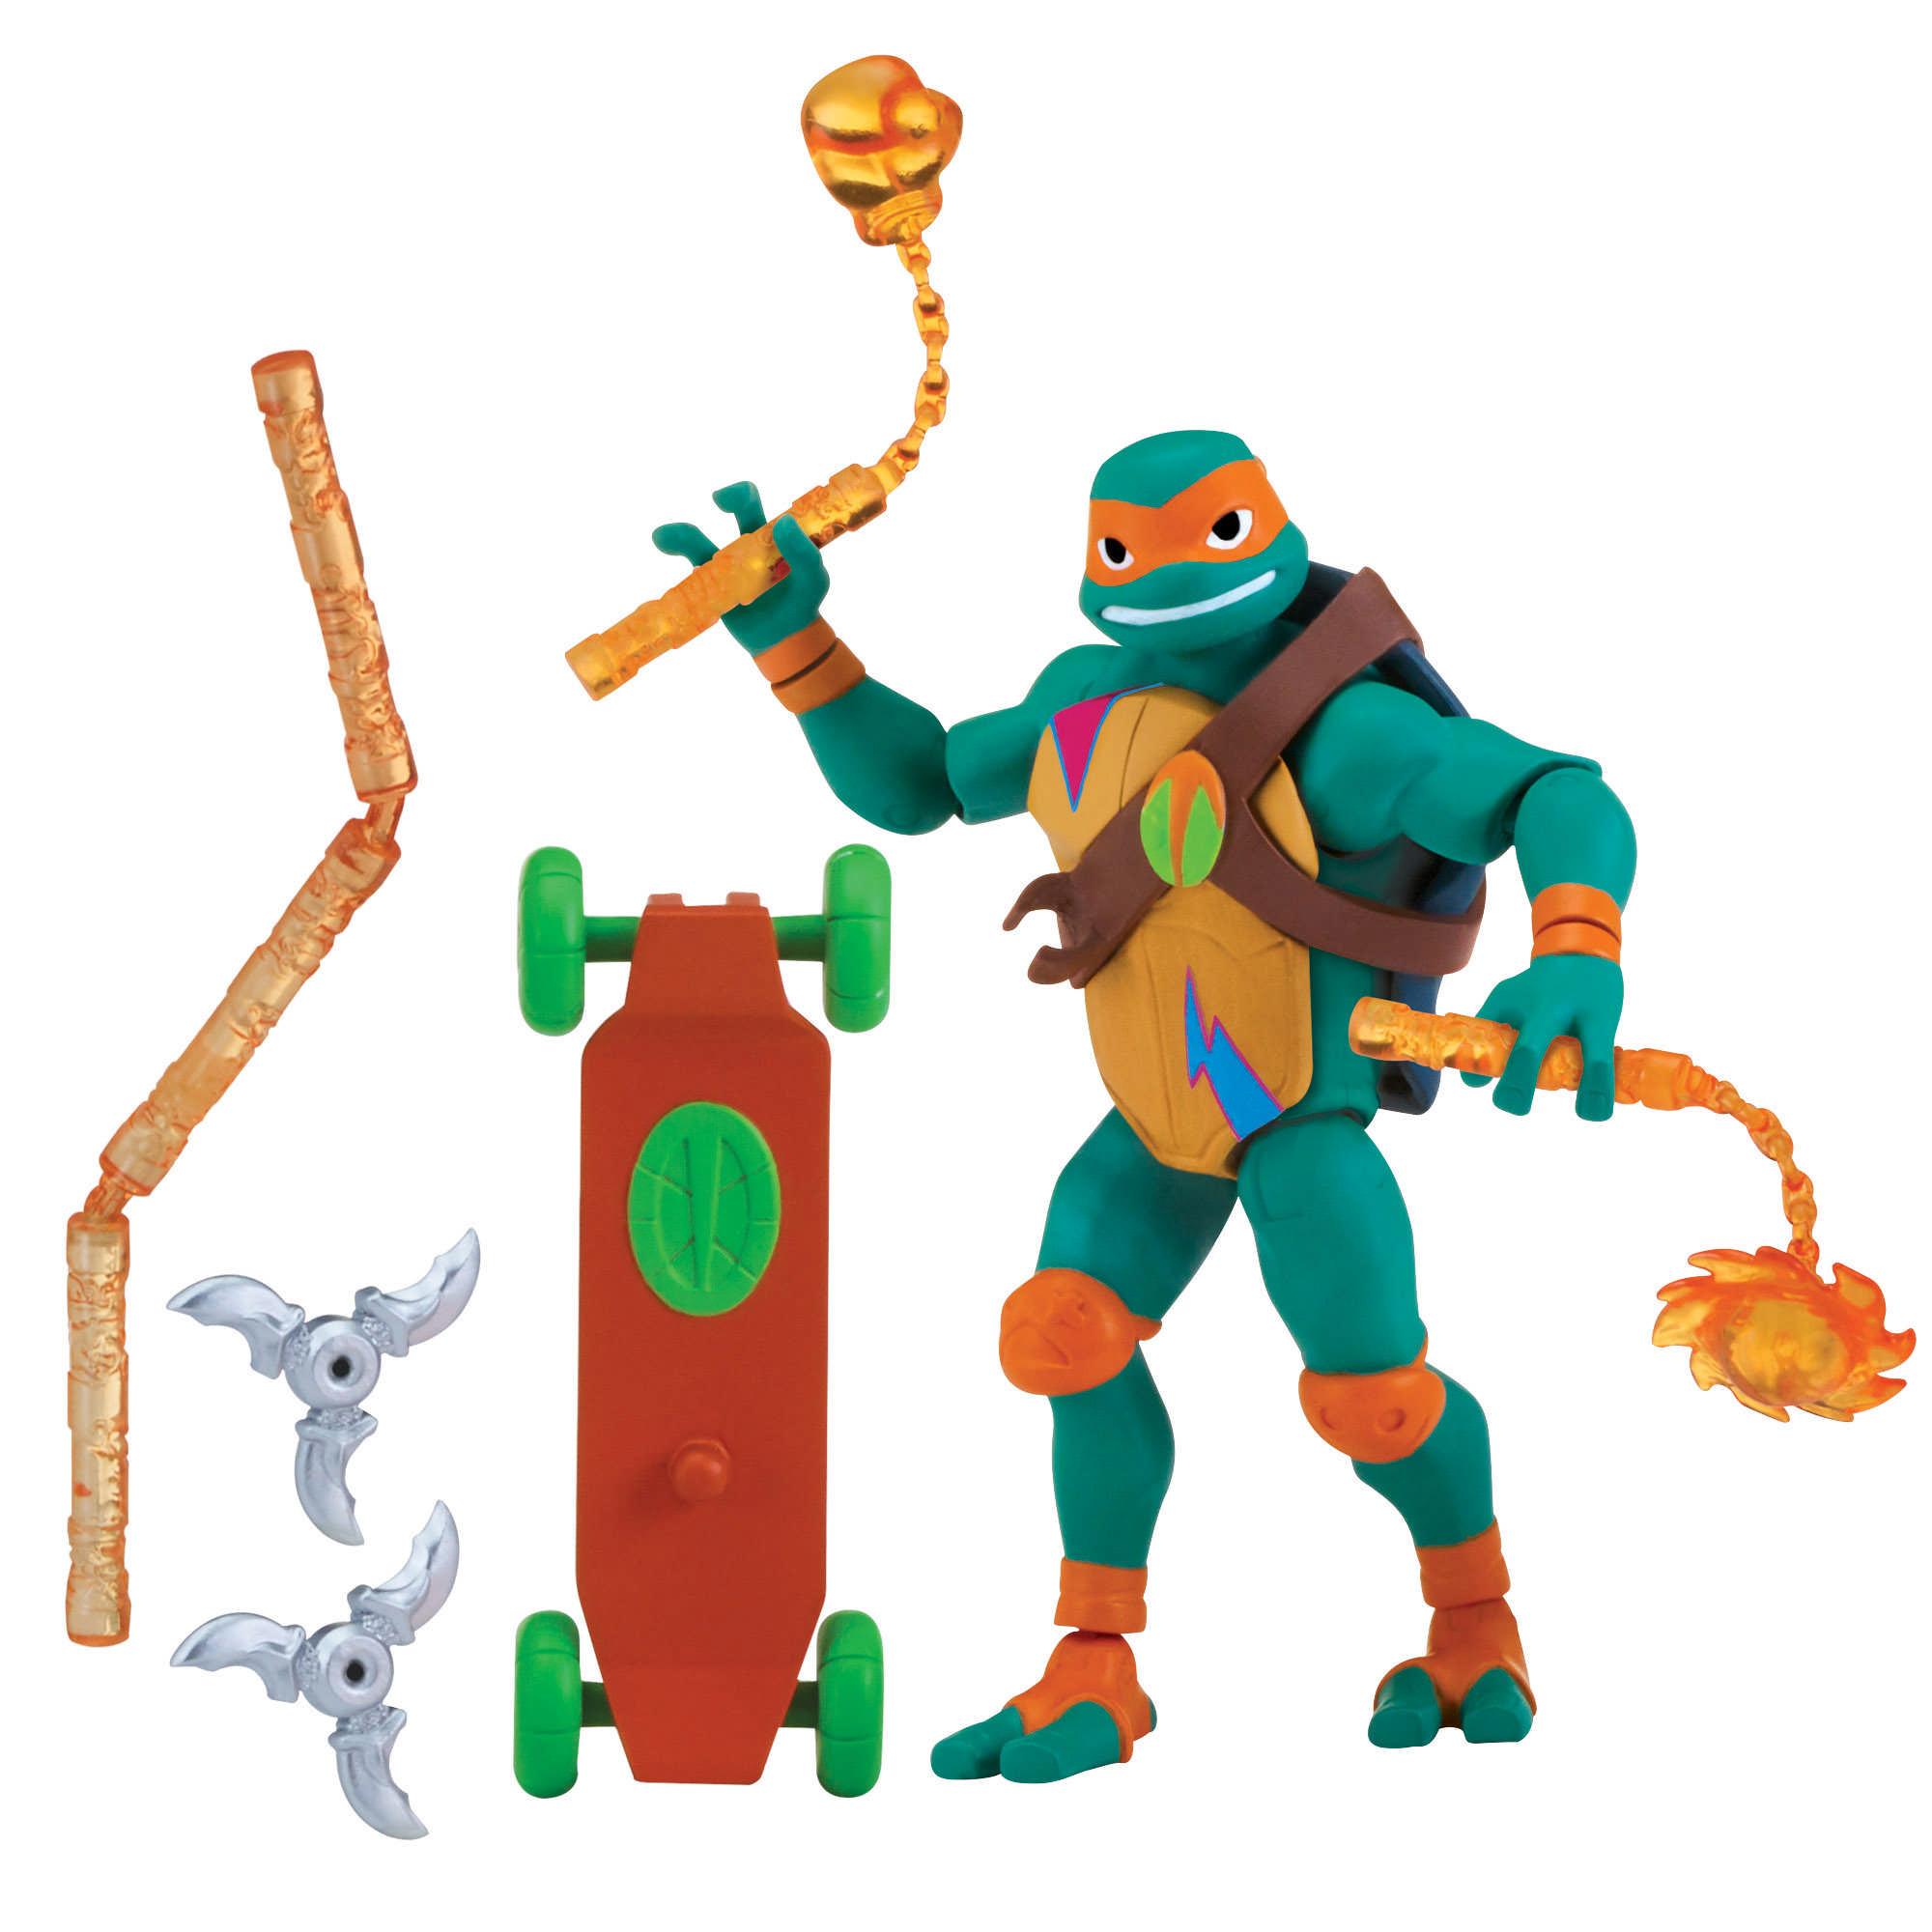 Michelangelo (2018 action figure)